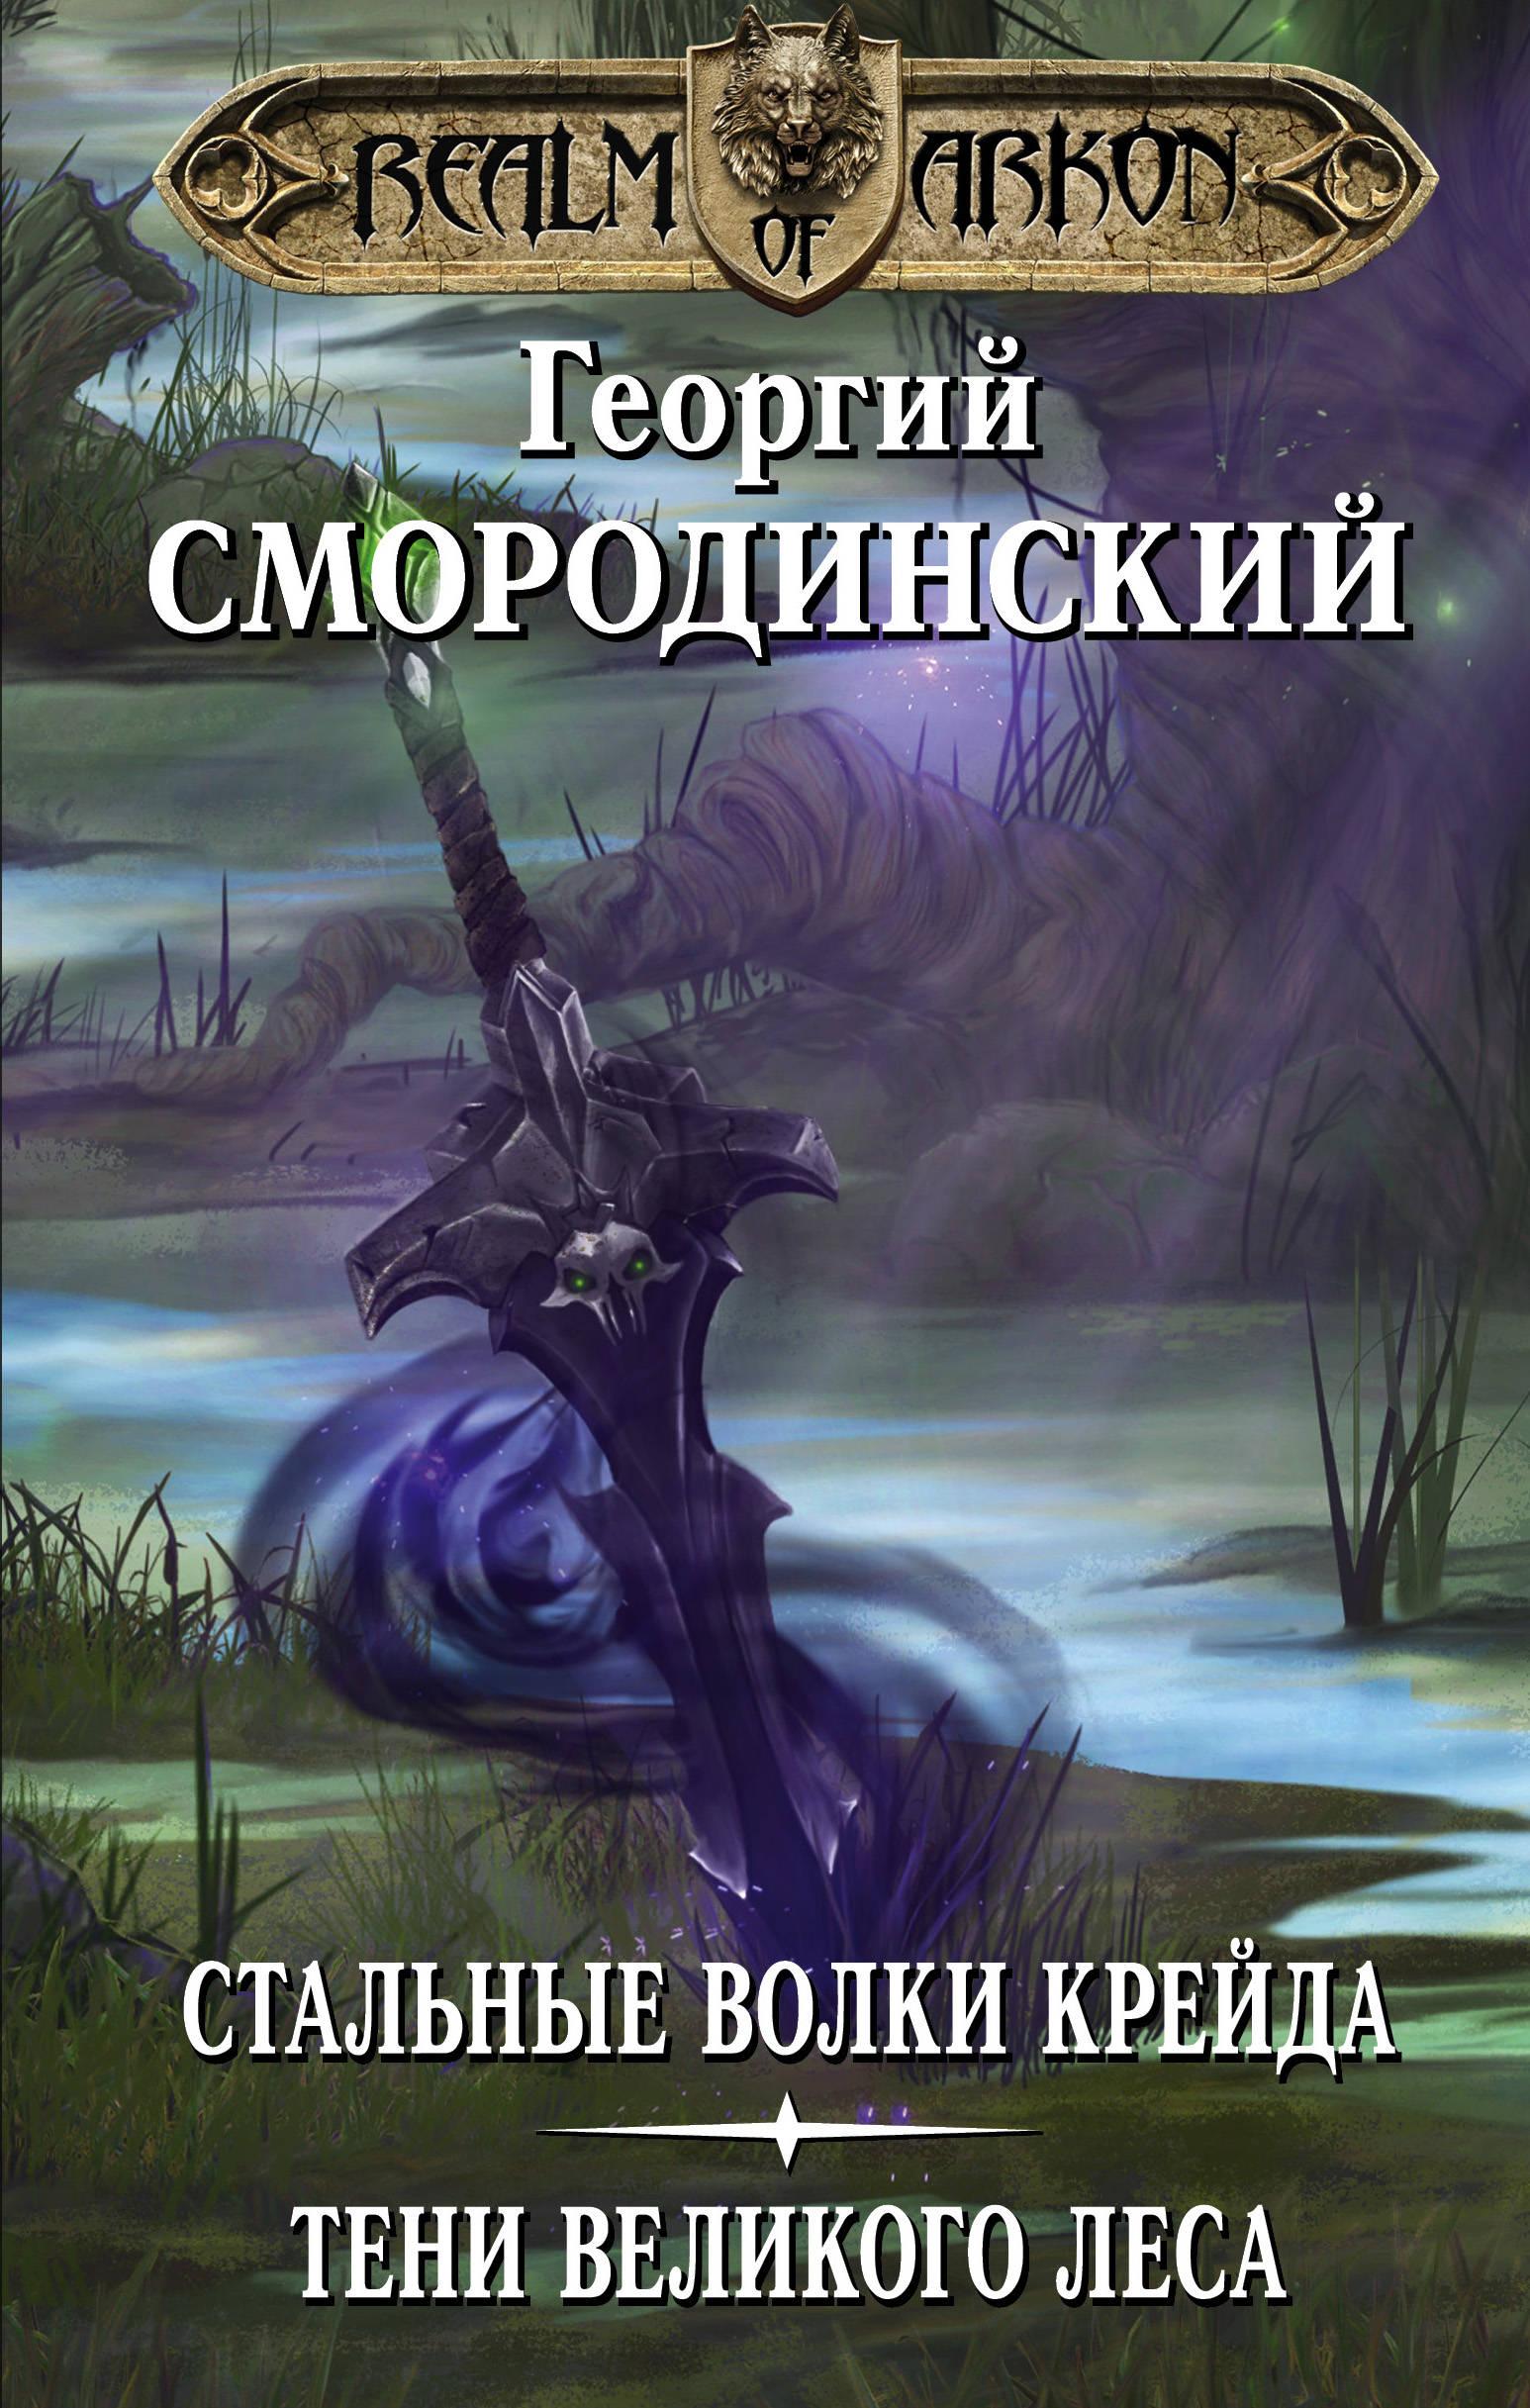 Георгий Смородинский «Мир Аркона. Стальные Волки Крейда. Тени Великого леса»